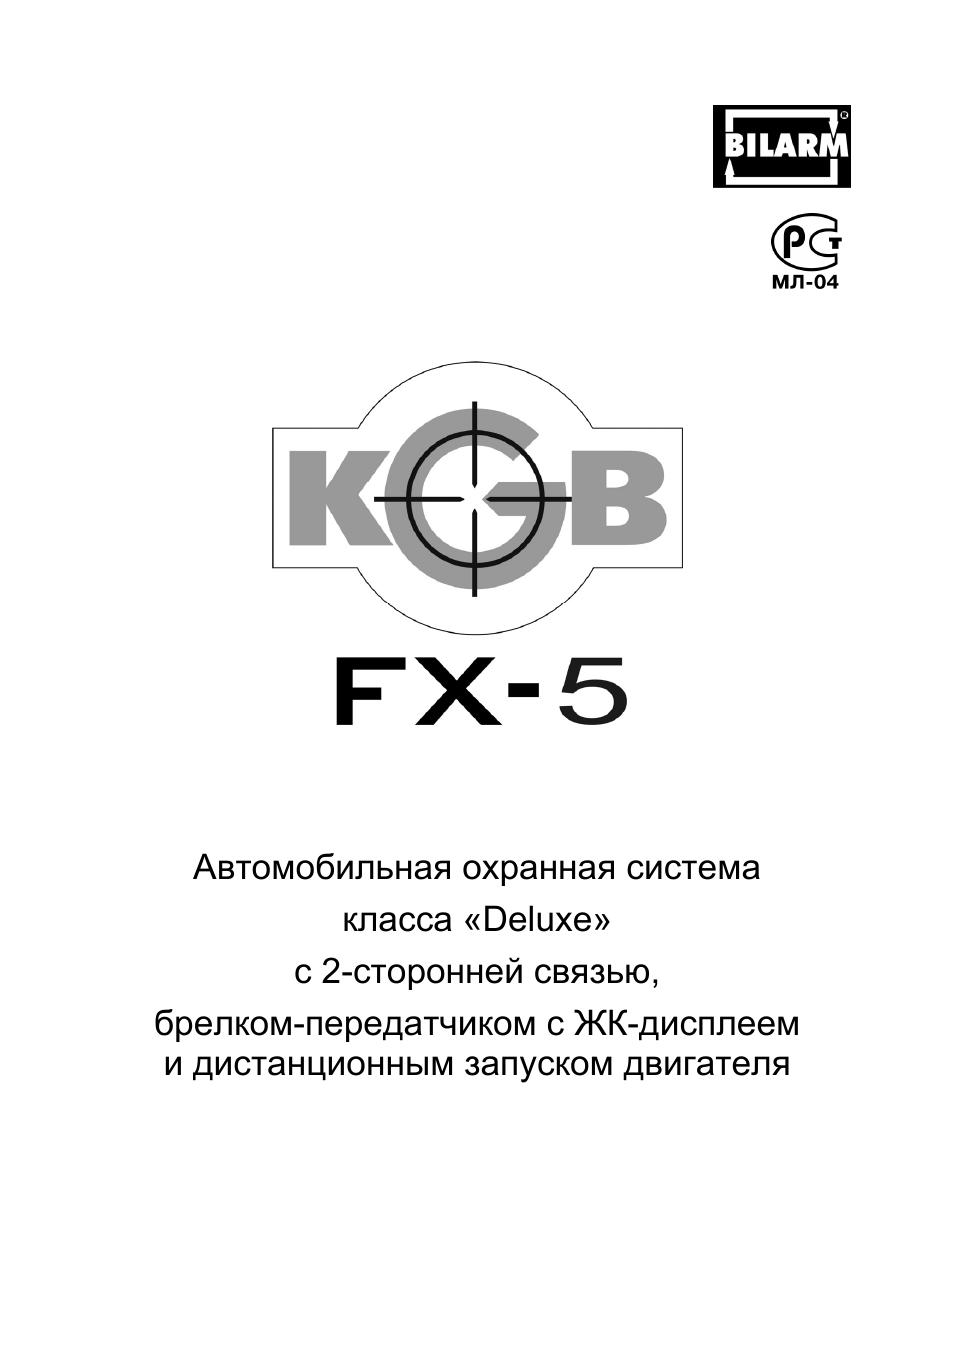 Инструкция по эксплуатации автосигнализации kgb